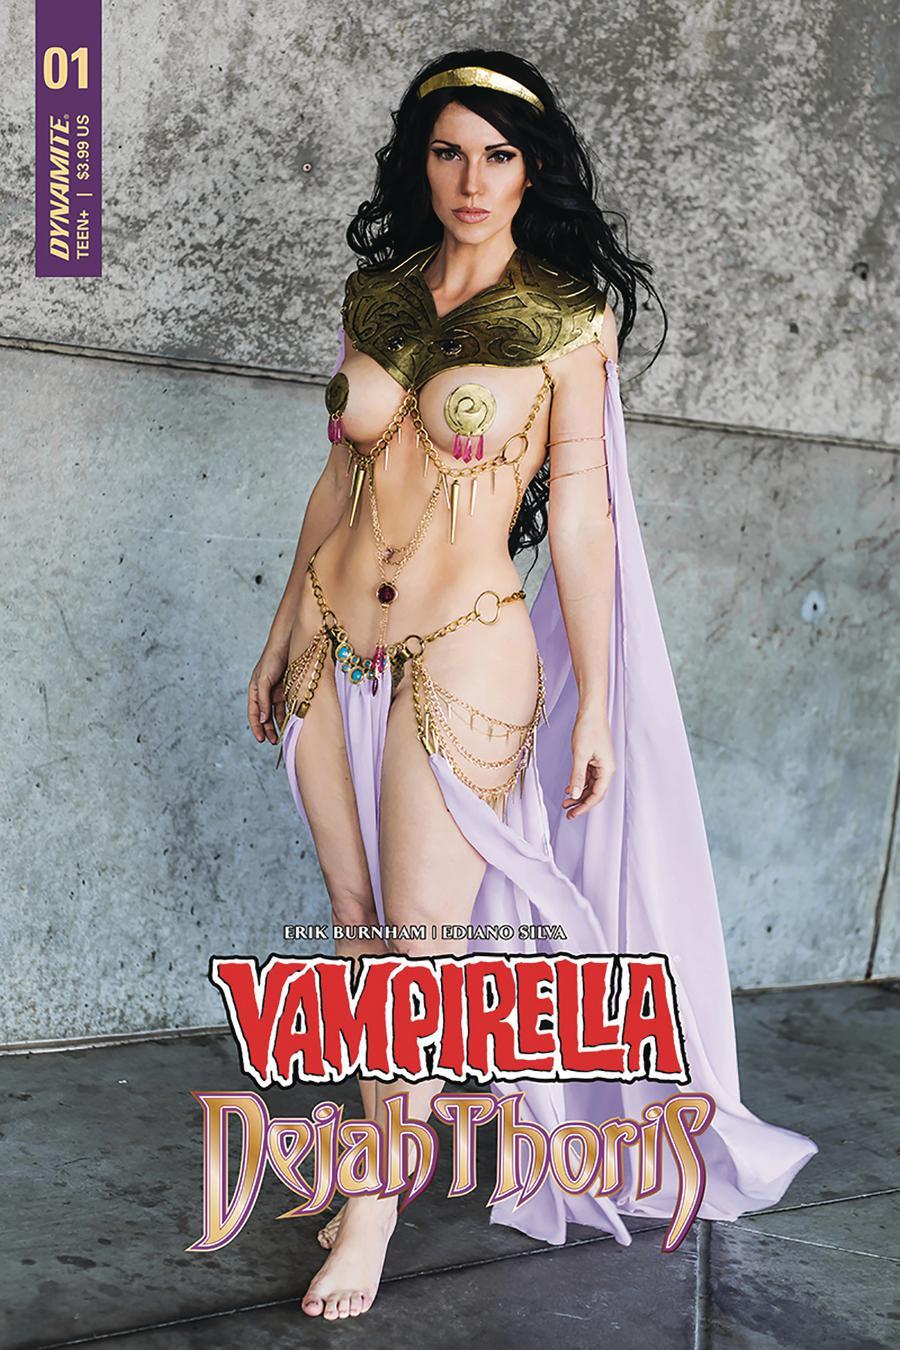 Vampirella Dejah Thoris #1 Cover P Dejah Thoris Cosplay Photo Cover Signed By Jacqueline Goehner